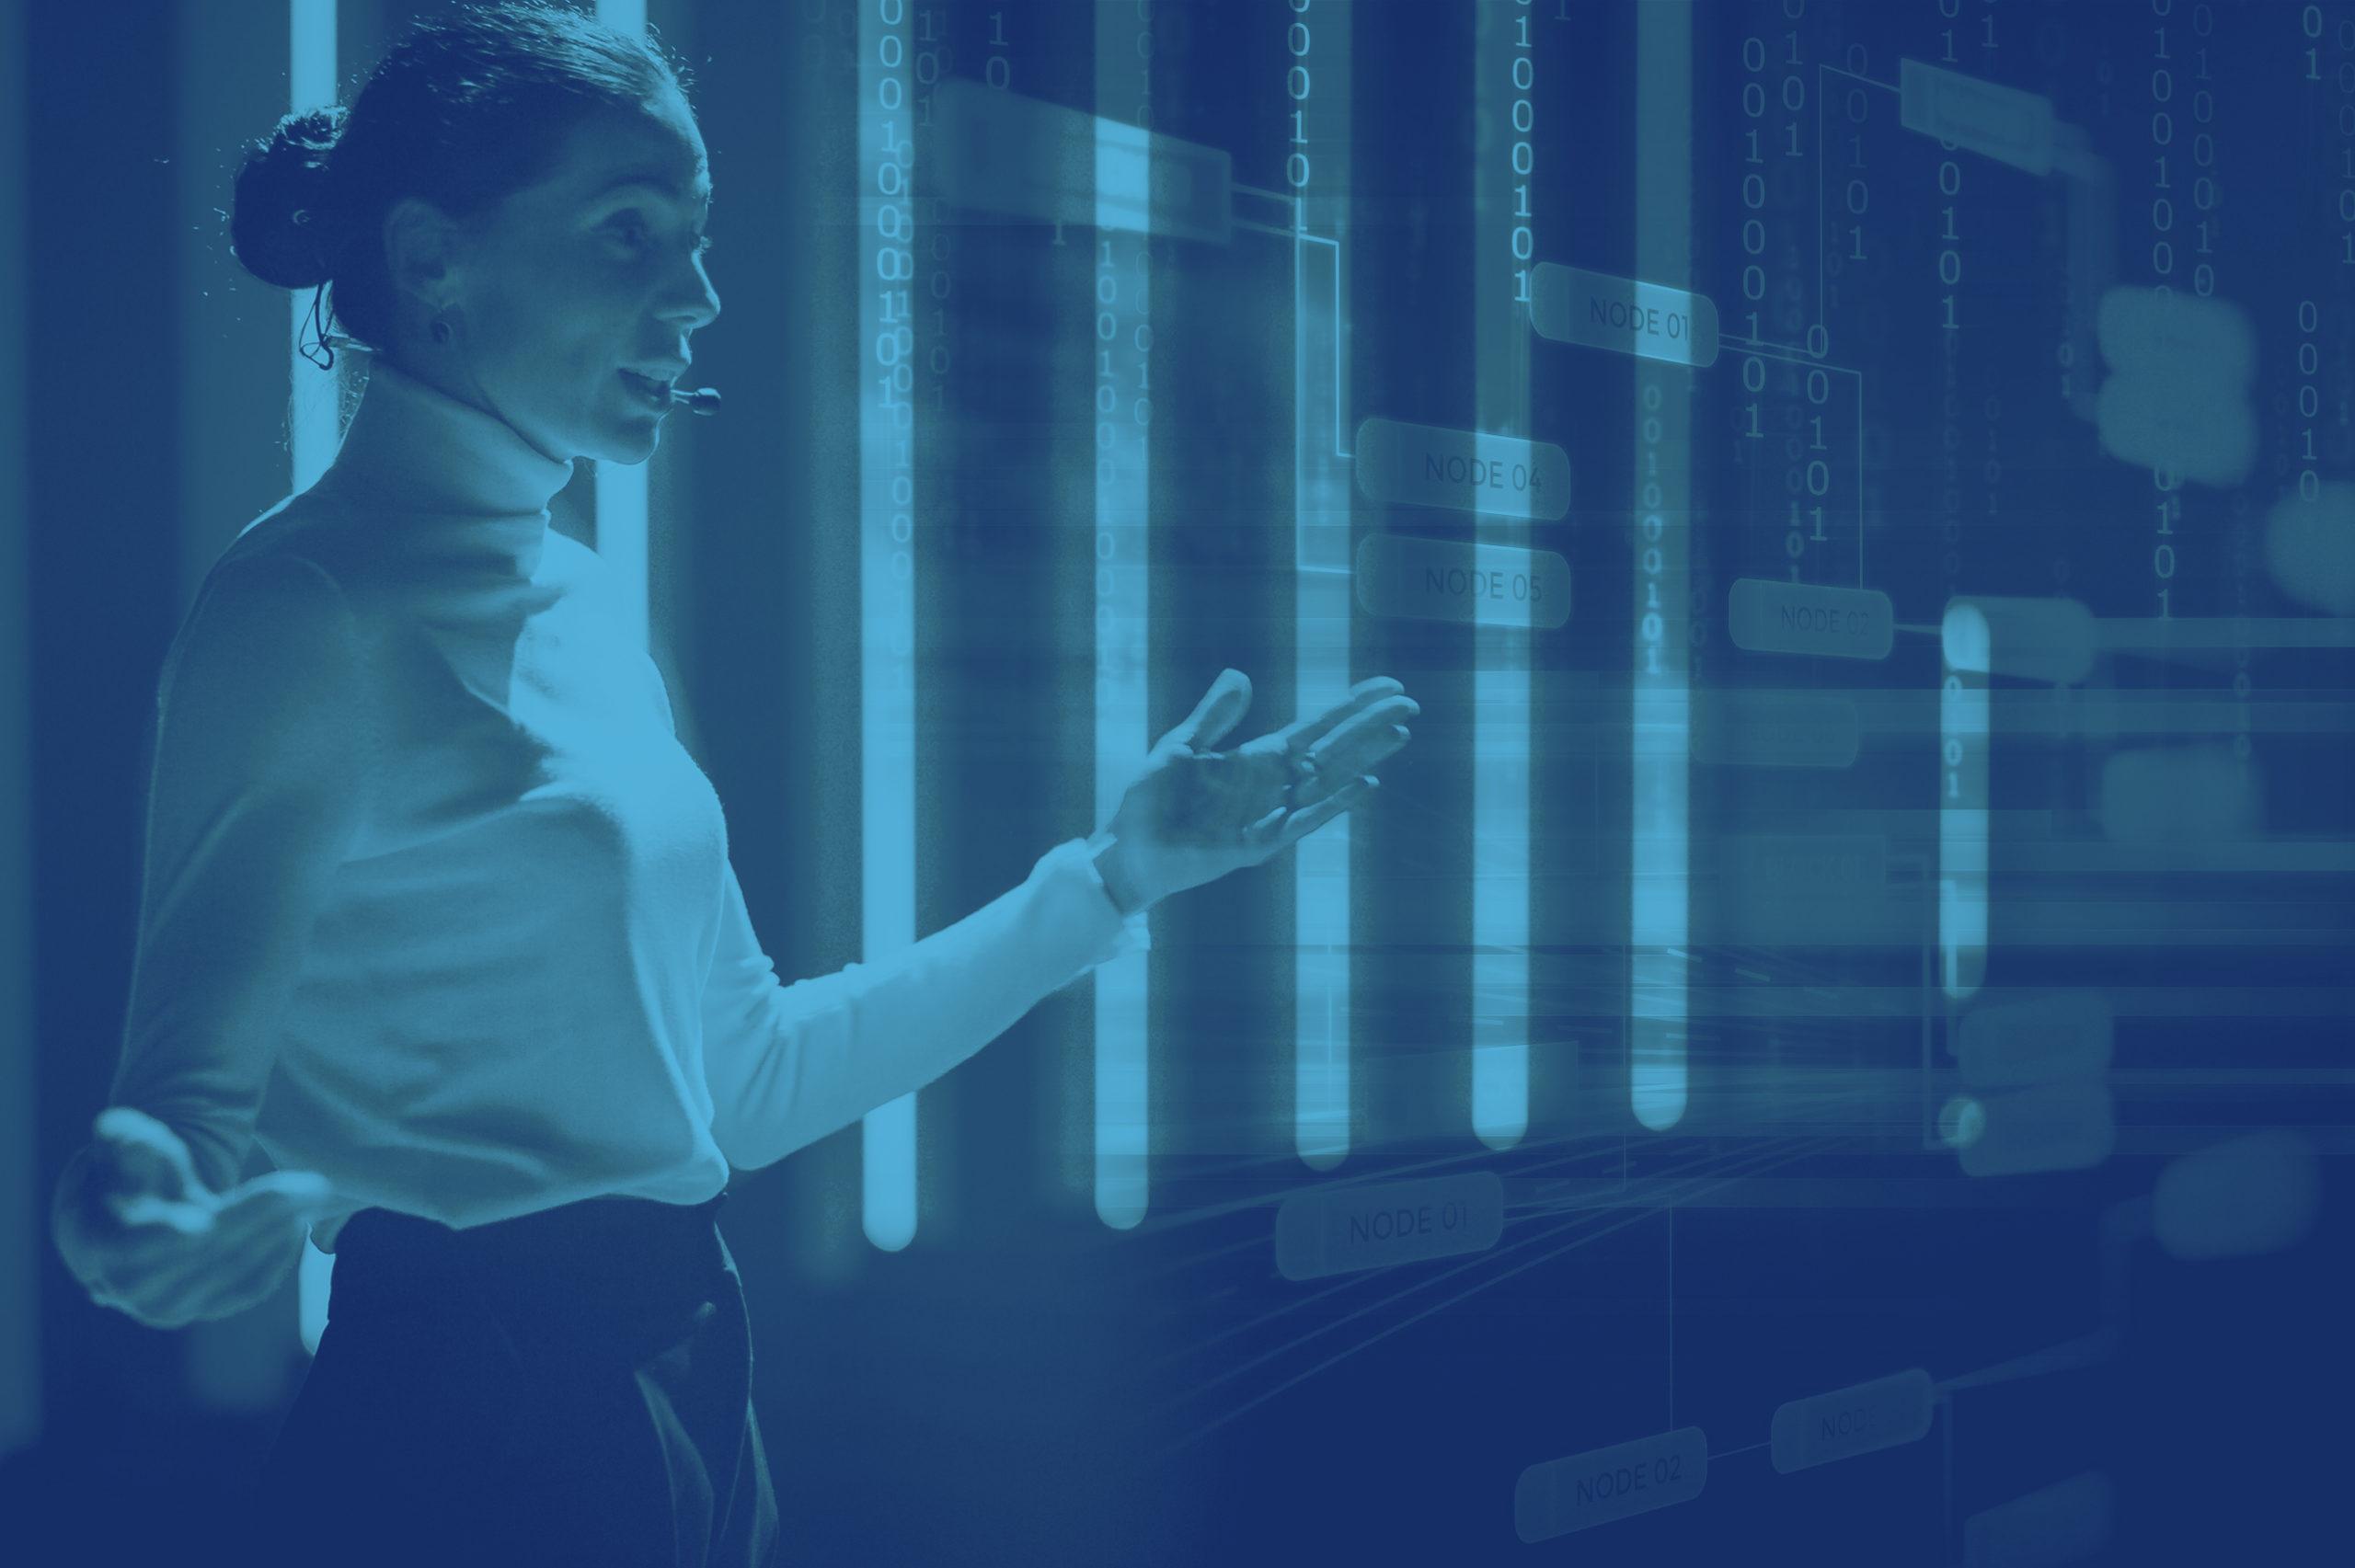 El Futuro de los Eventos: Híbridos y Basados en Datos